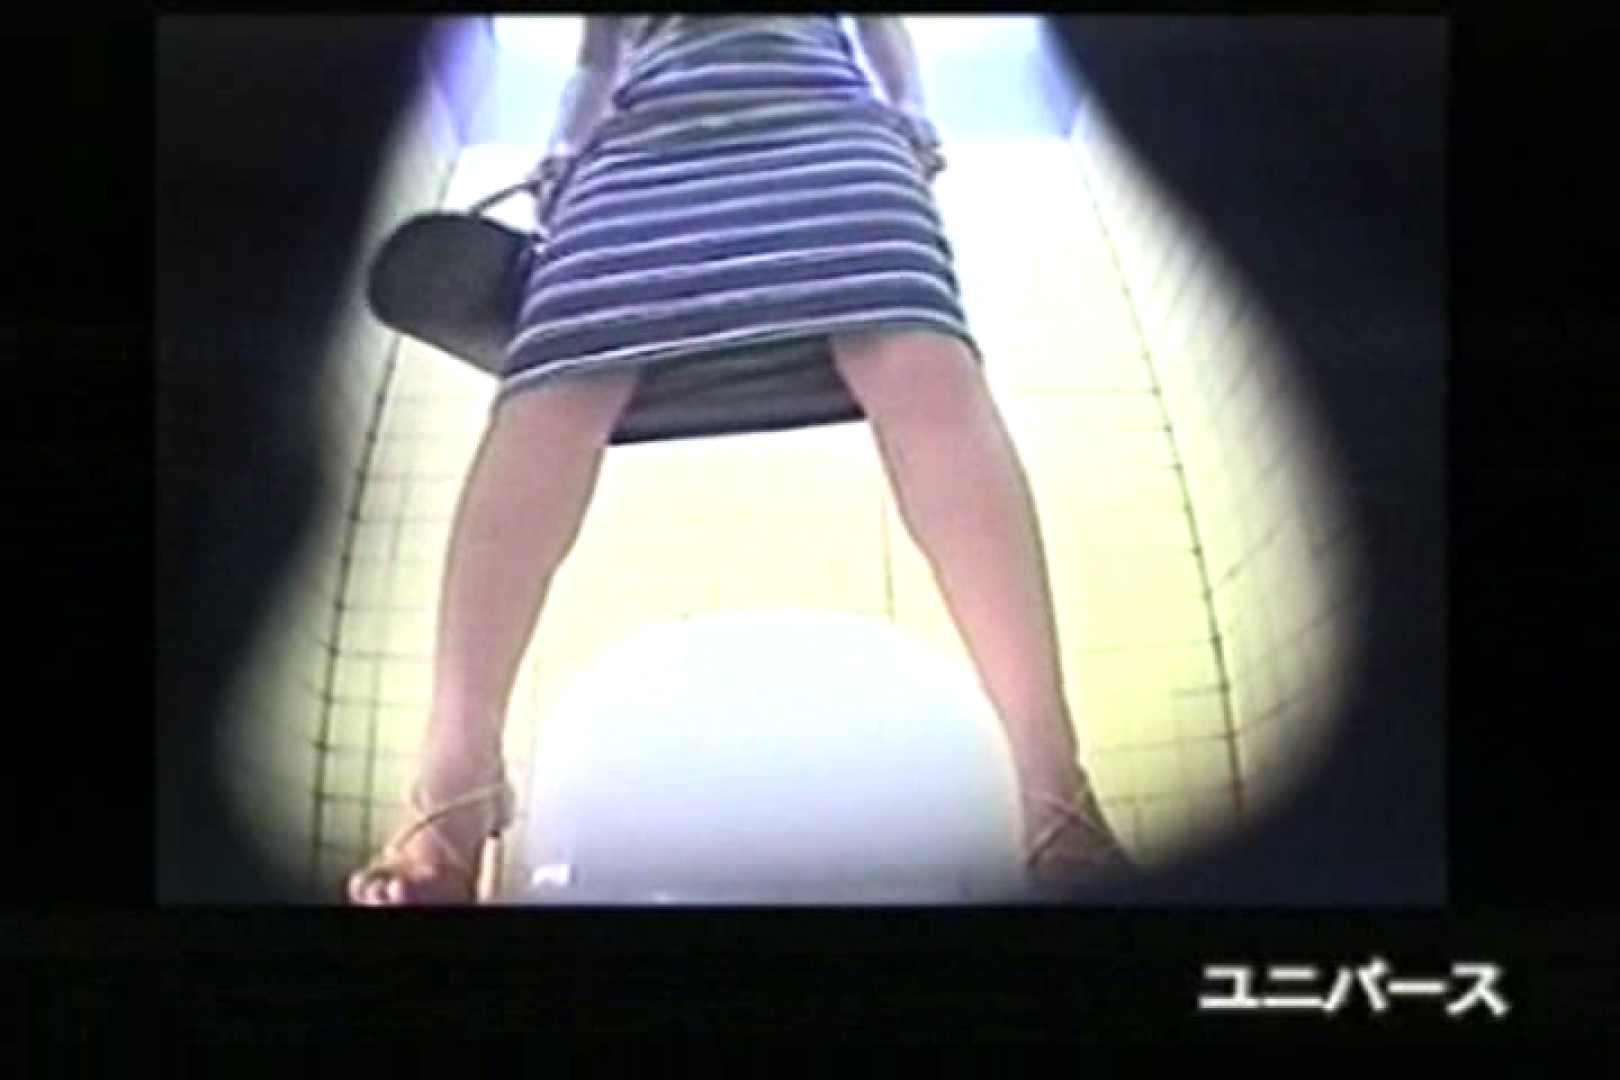 下半身シースルー洗面所Vol.4 OLヌード天国  91PIX 21